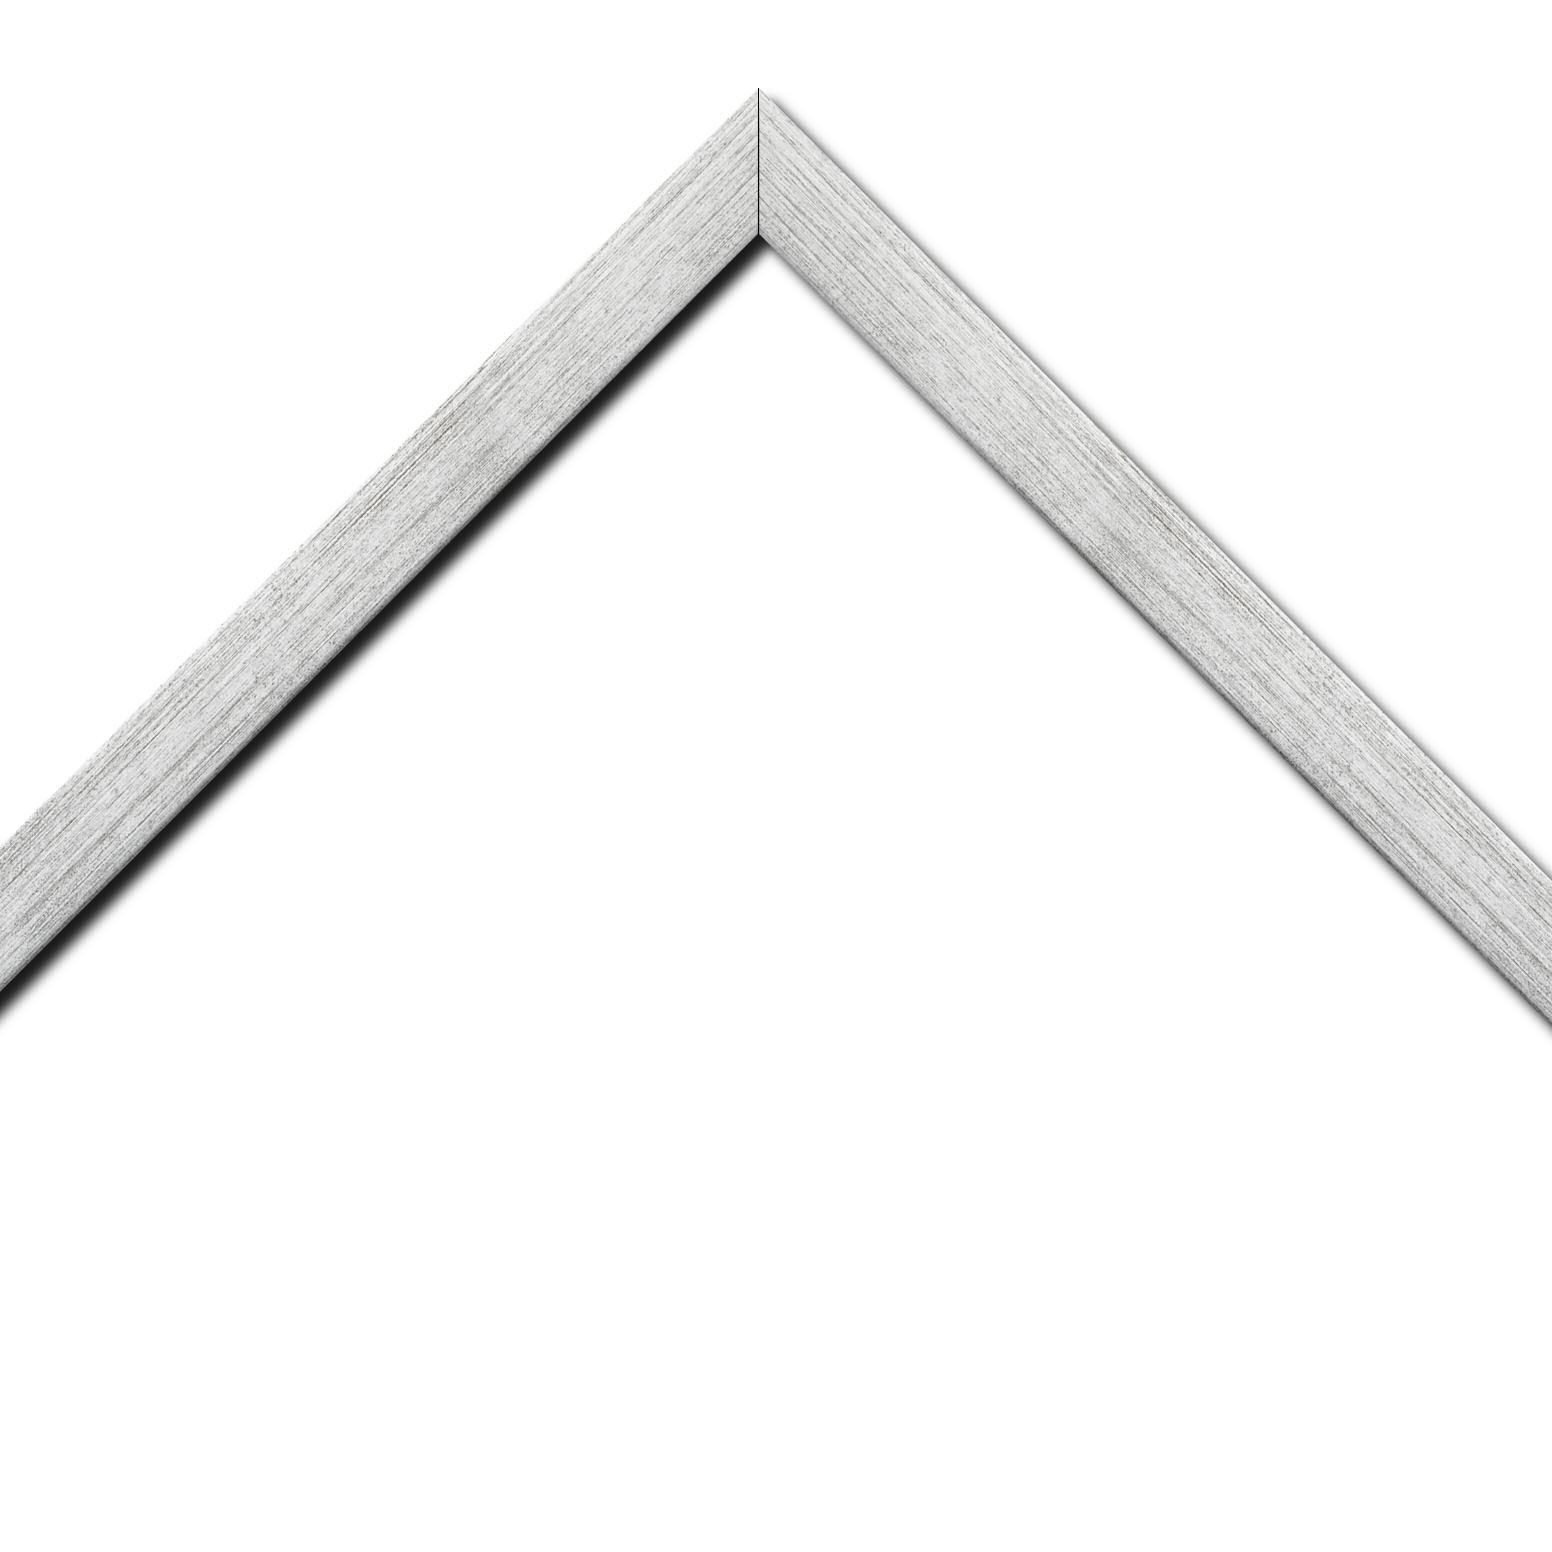 Baguette bois profil plat largeur 2.5cm couleur argent